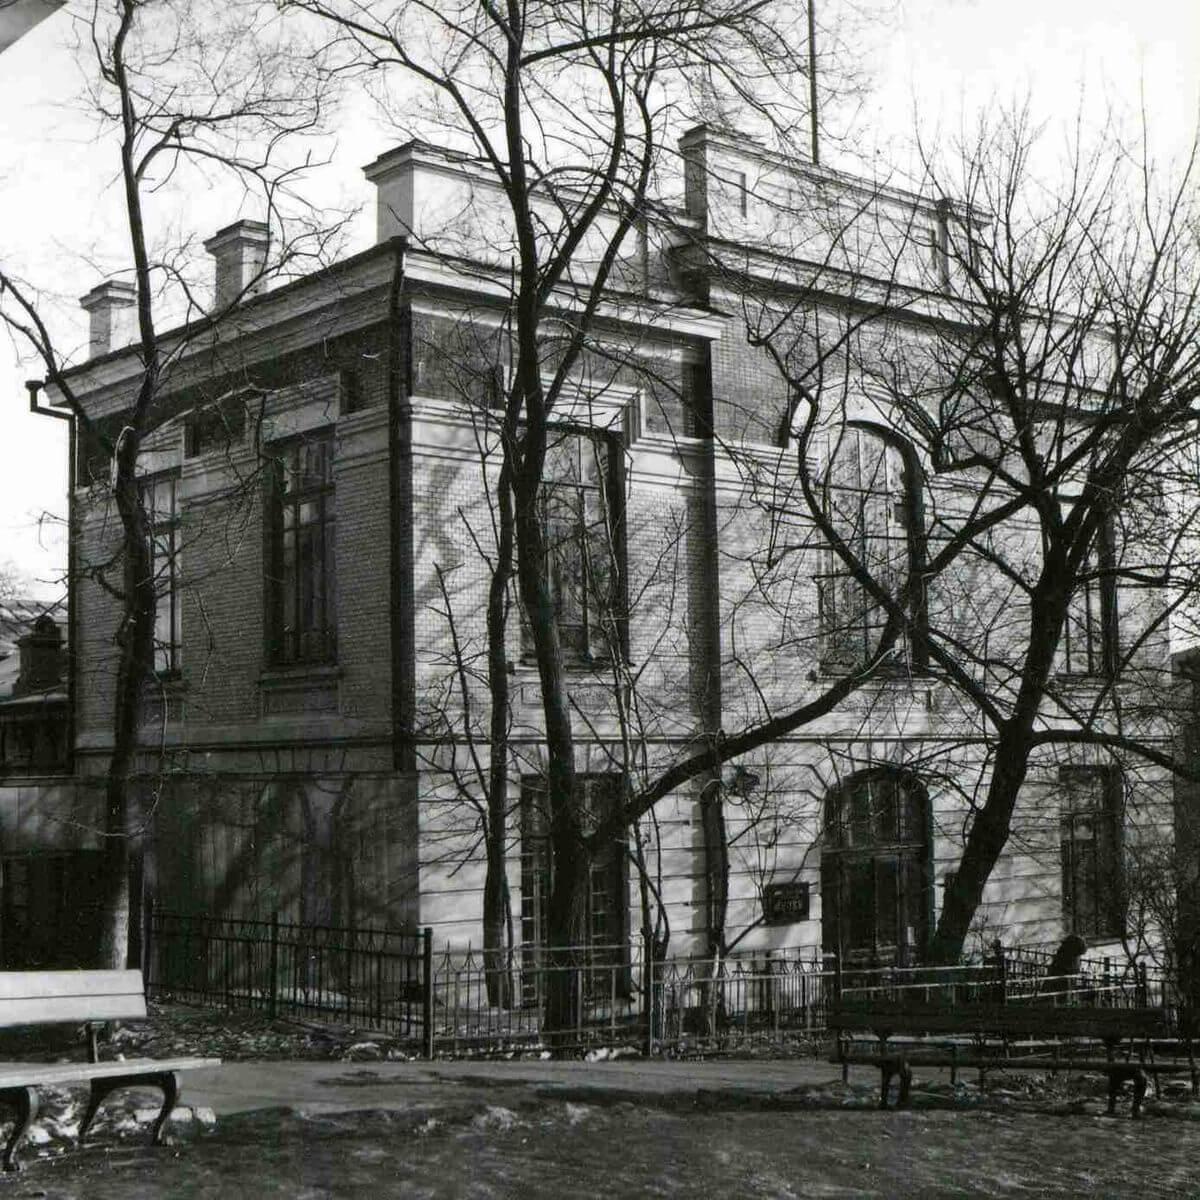 Здание музея имени Арсеньева по улице 1-го Мая (Петра Великого). 1970-е годы.